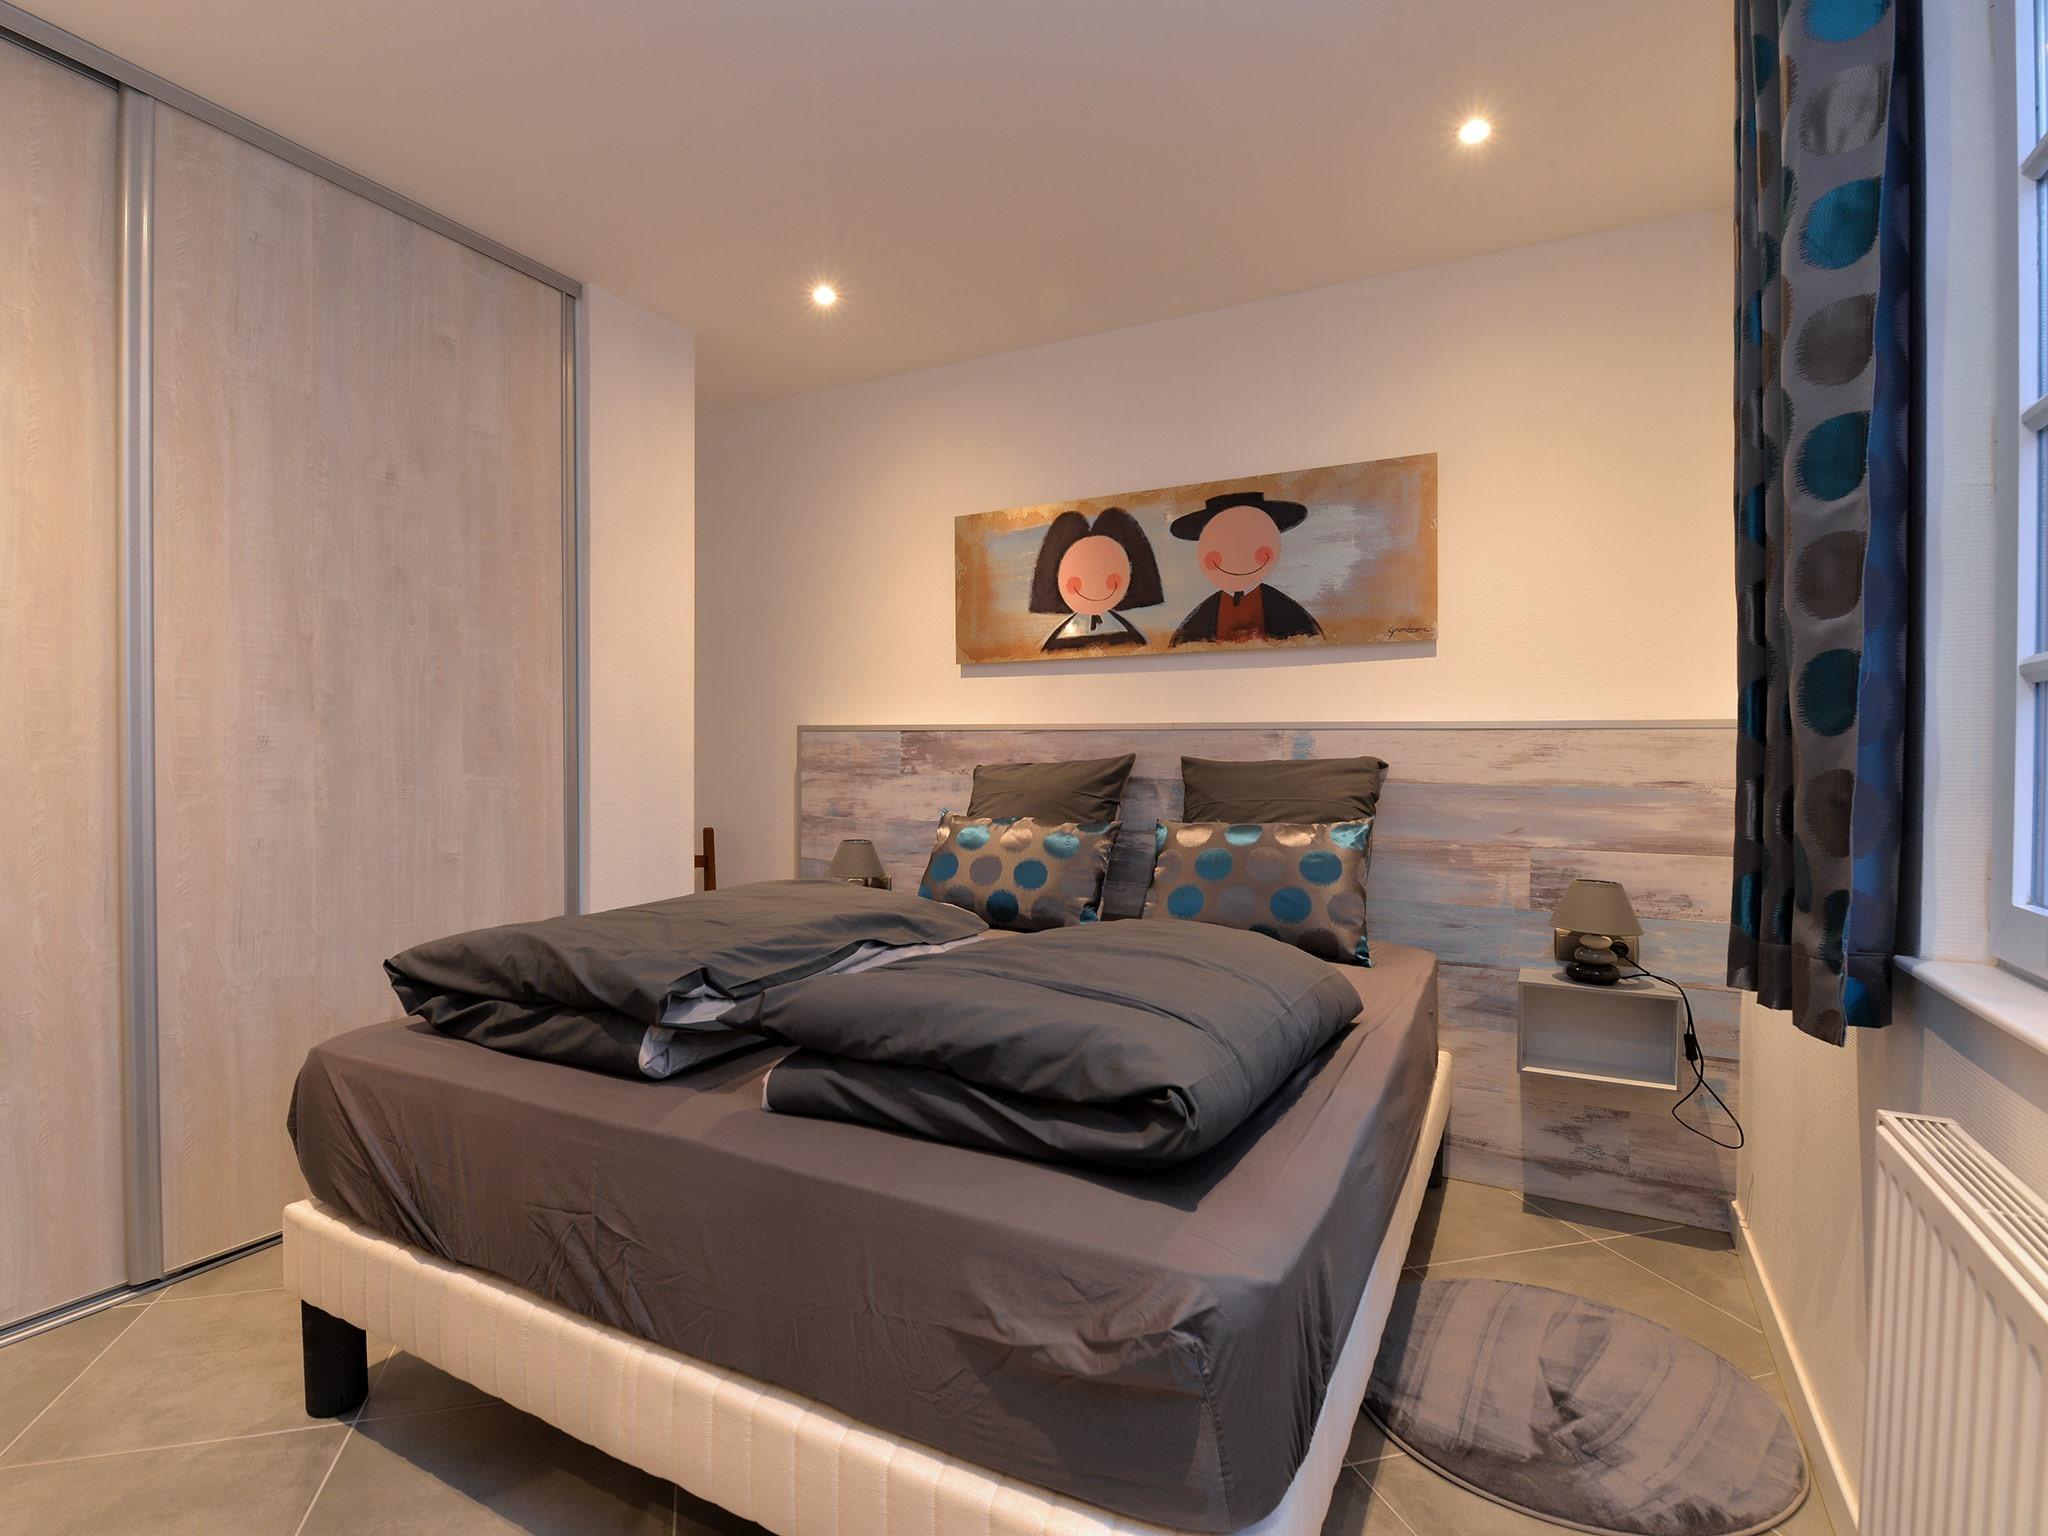 Appartement-Supérieure-Douche - Tarif de base